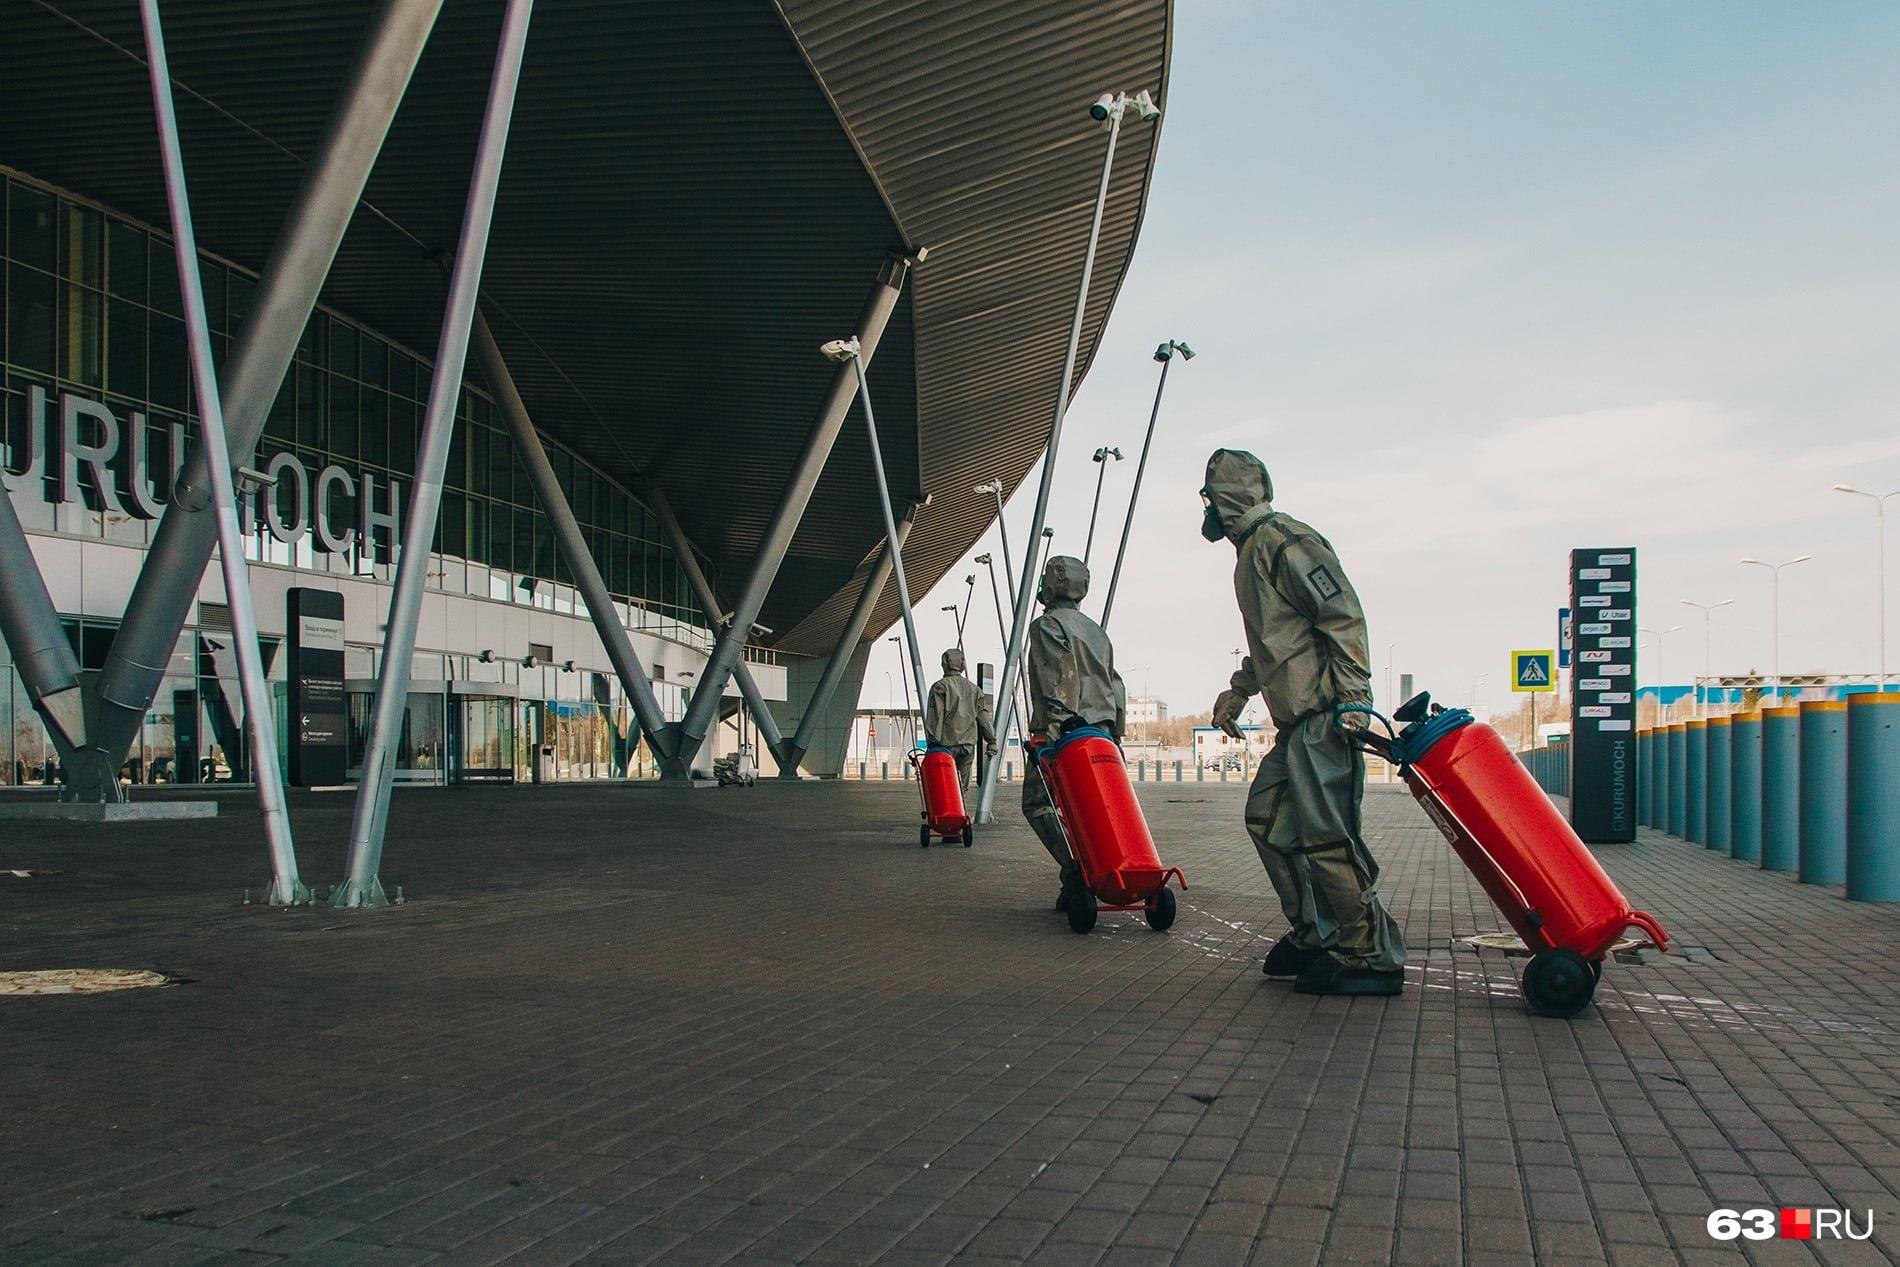 """В аэропорт Курумоч в Самаре тоже <a href=""""https://63.ru/text/transport/2020/04/10/69084226/"""" target=""""_blank"""" class=""""_"""">запустили бойцов химзащиты</a>. Аэровокзал обработали гидрохлоридом натрия, в простонародье хлоркой. Это вещество безвредно для людей и животных, зато убивает бактерии и вирусы"""